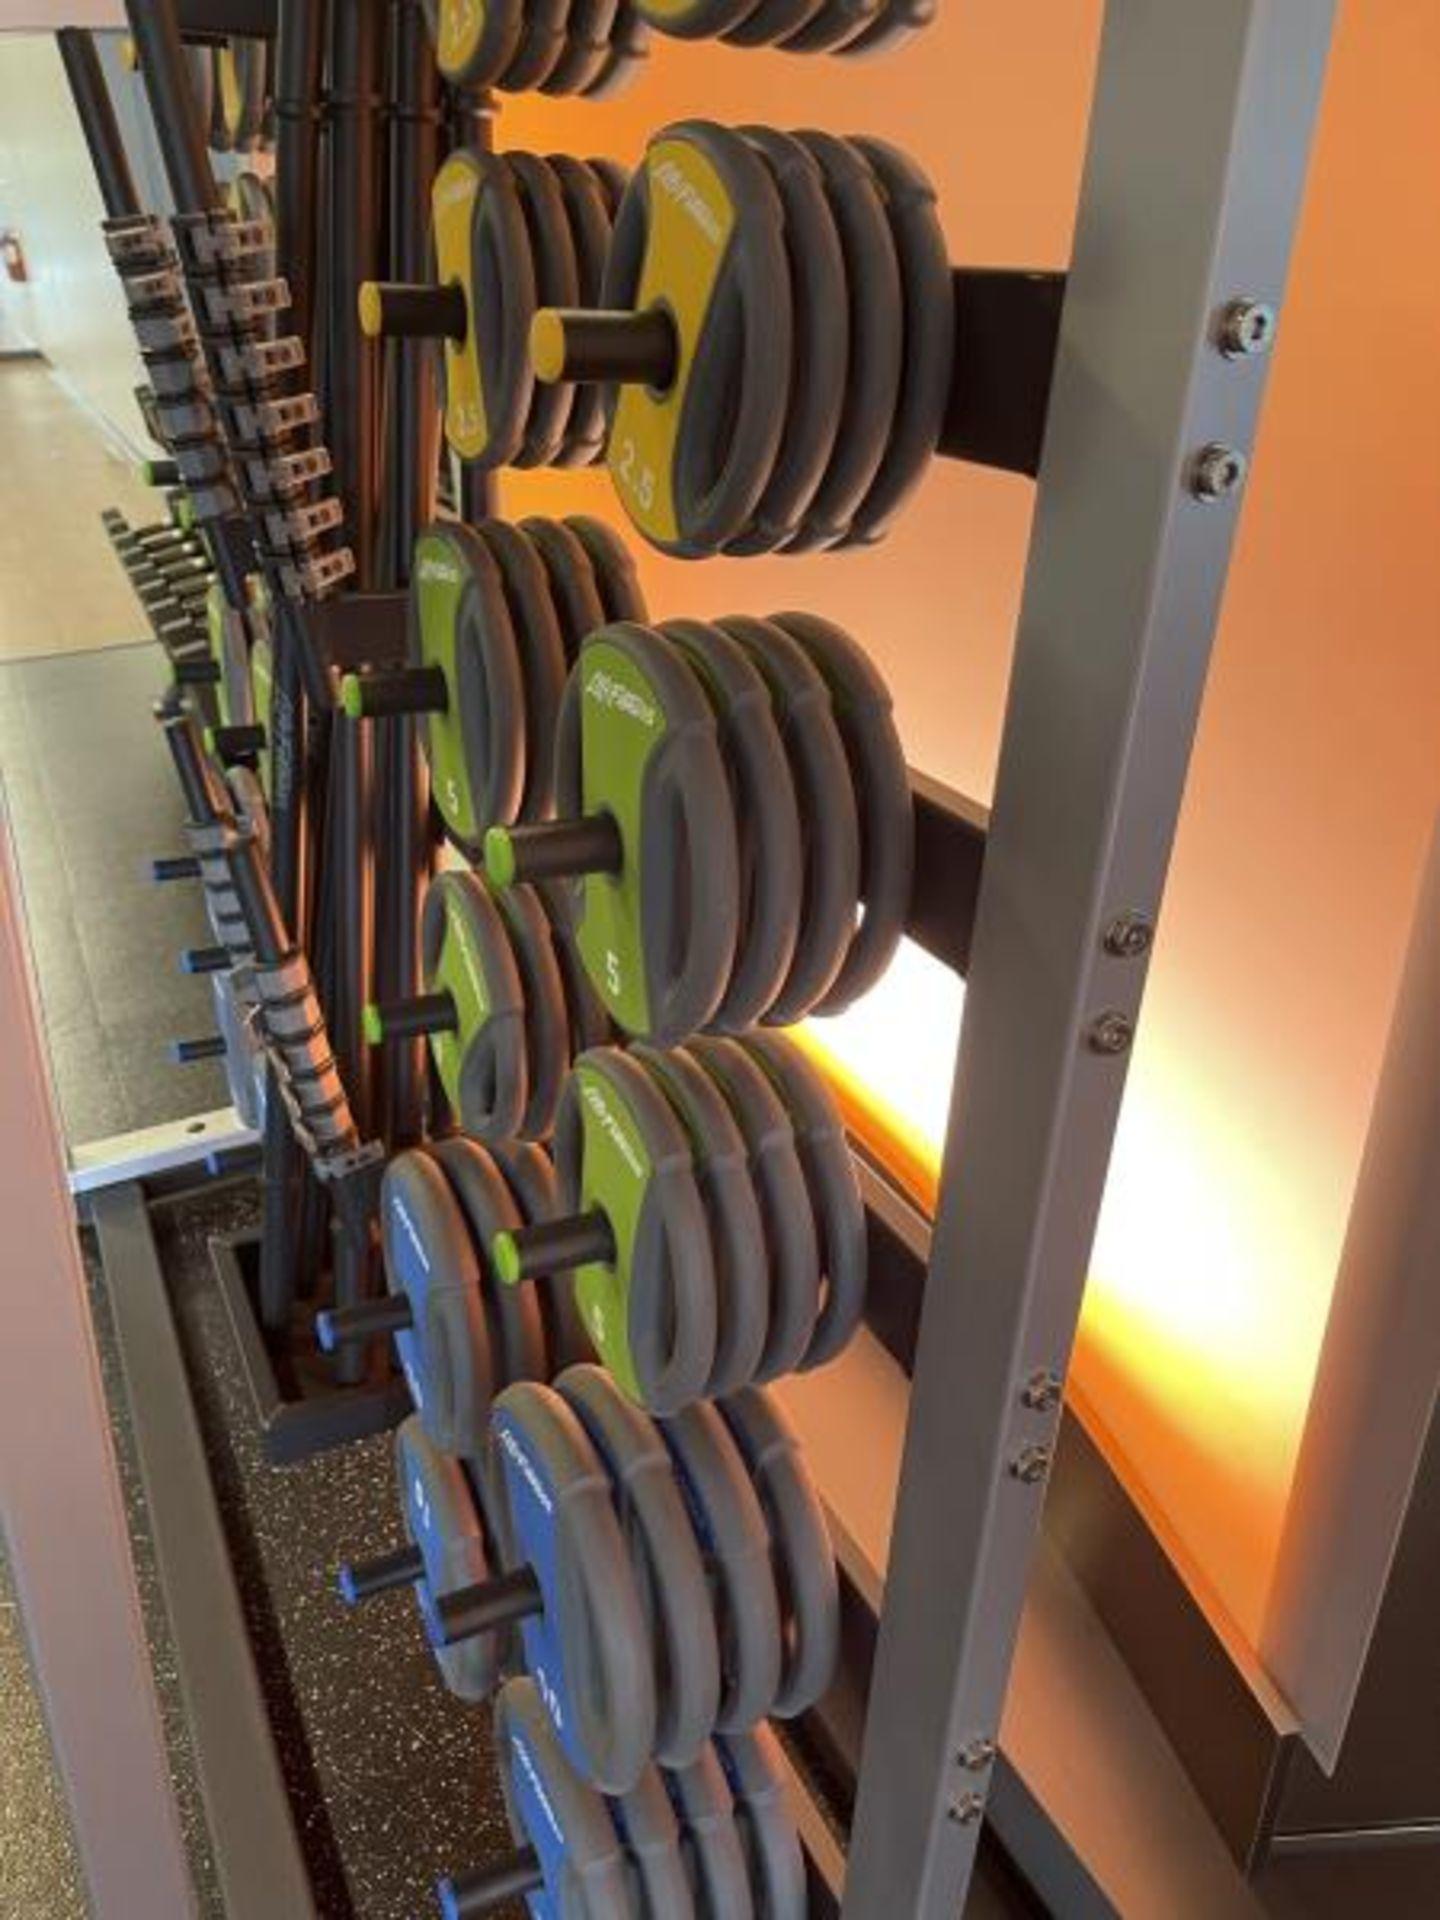 Life Fitness Studio Barbell Pack Urethane 2.5#, 5#, 10#, 13 Bars, Rack Model GBB - Image 3 of 9